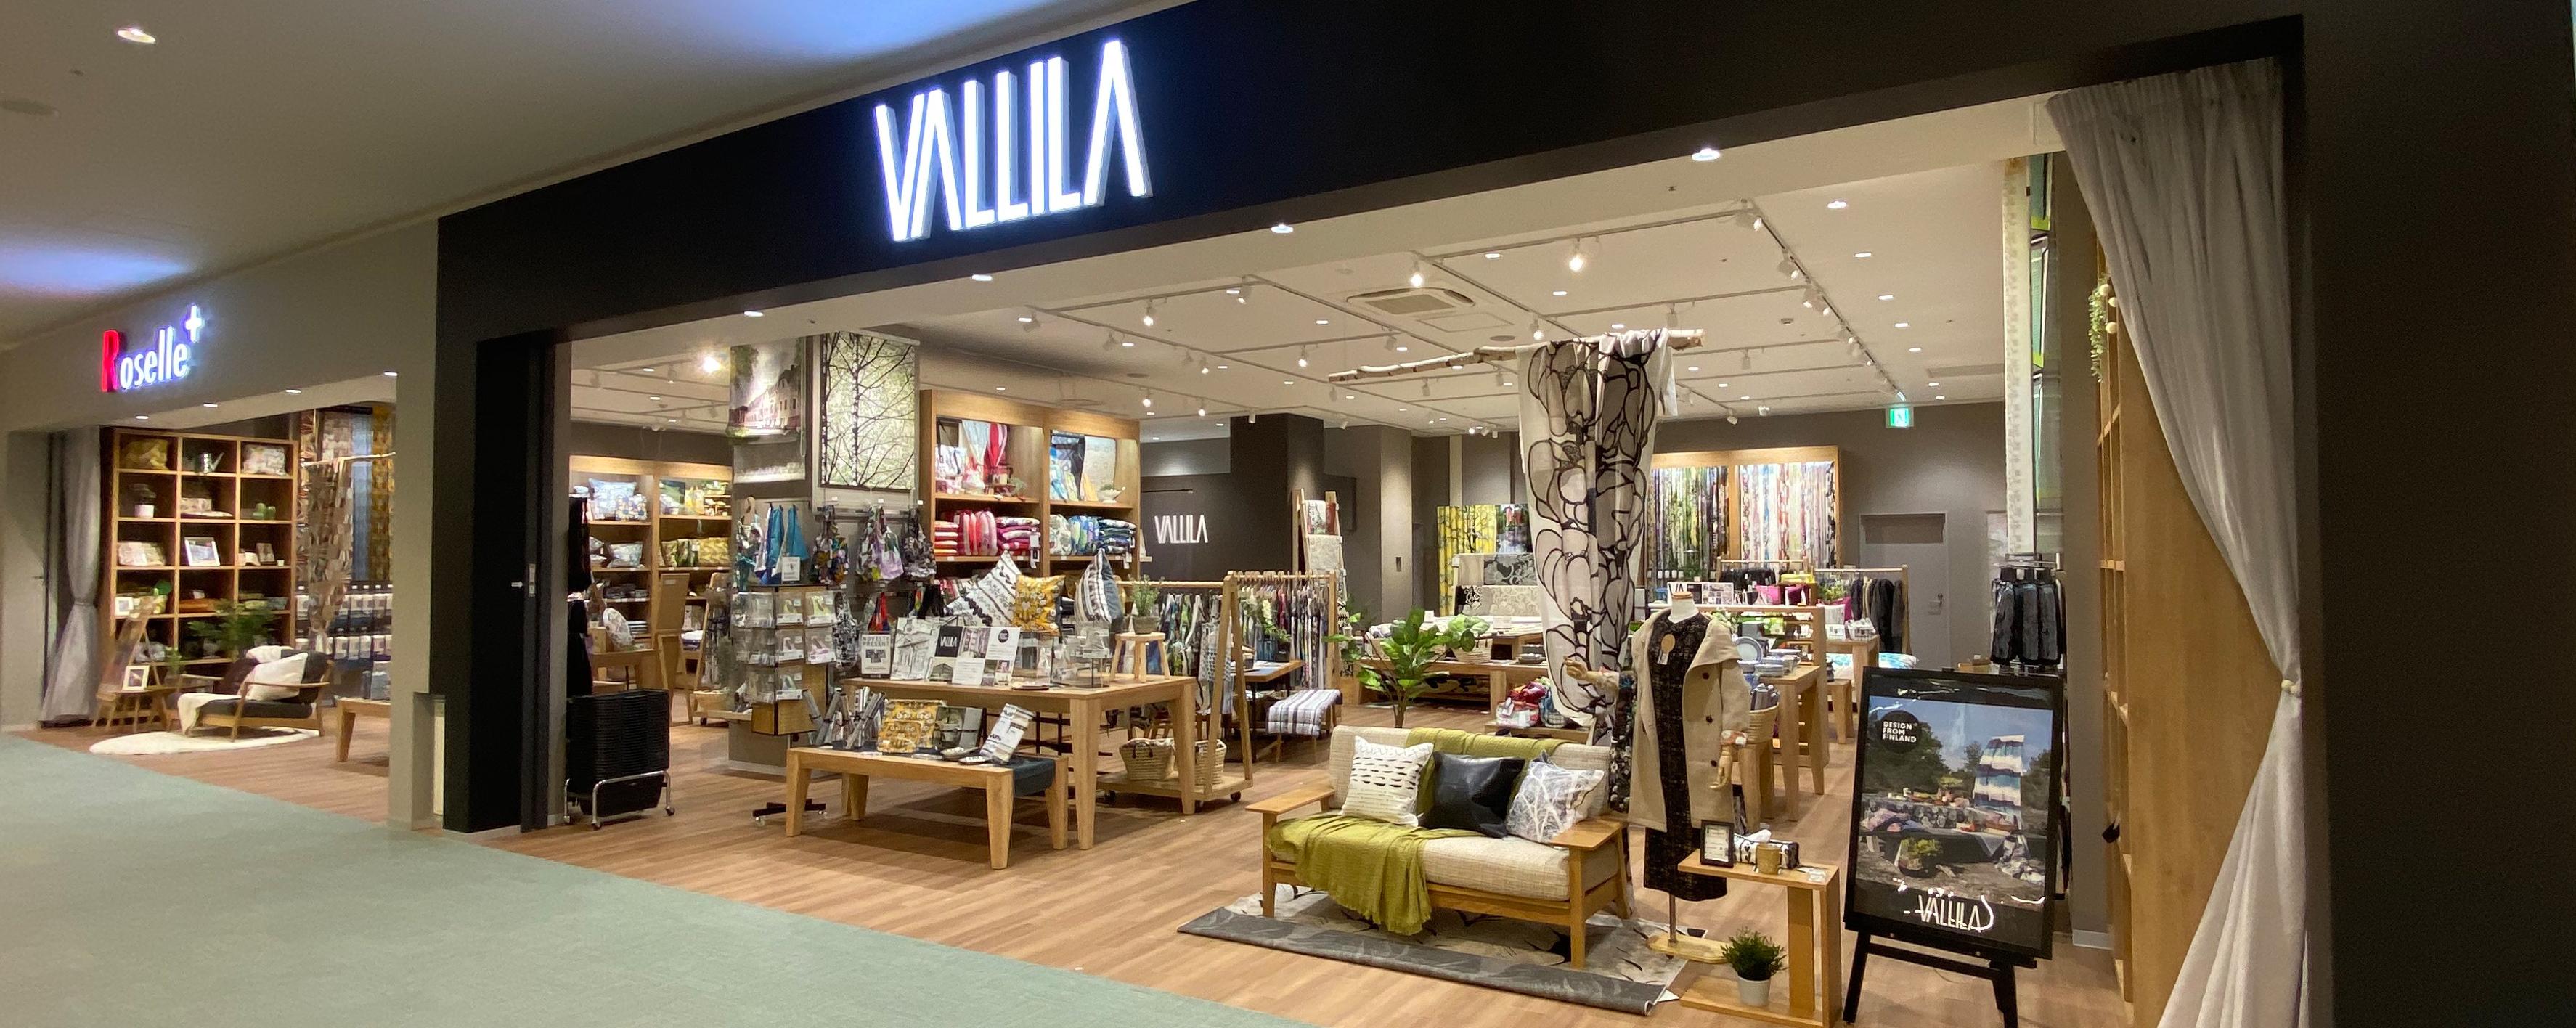 2020.9.14 日本初となる『VALLILA』単独店舗OPEN!